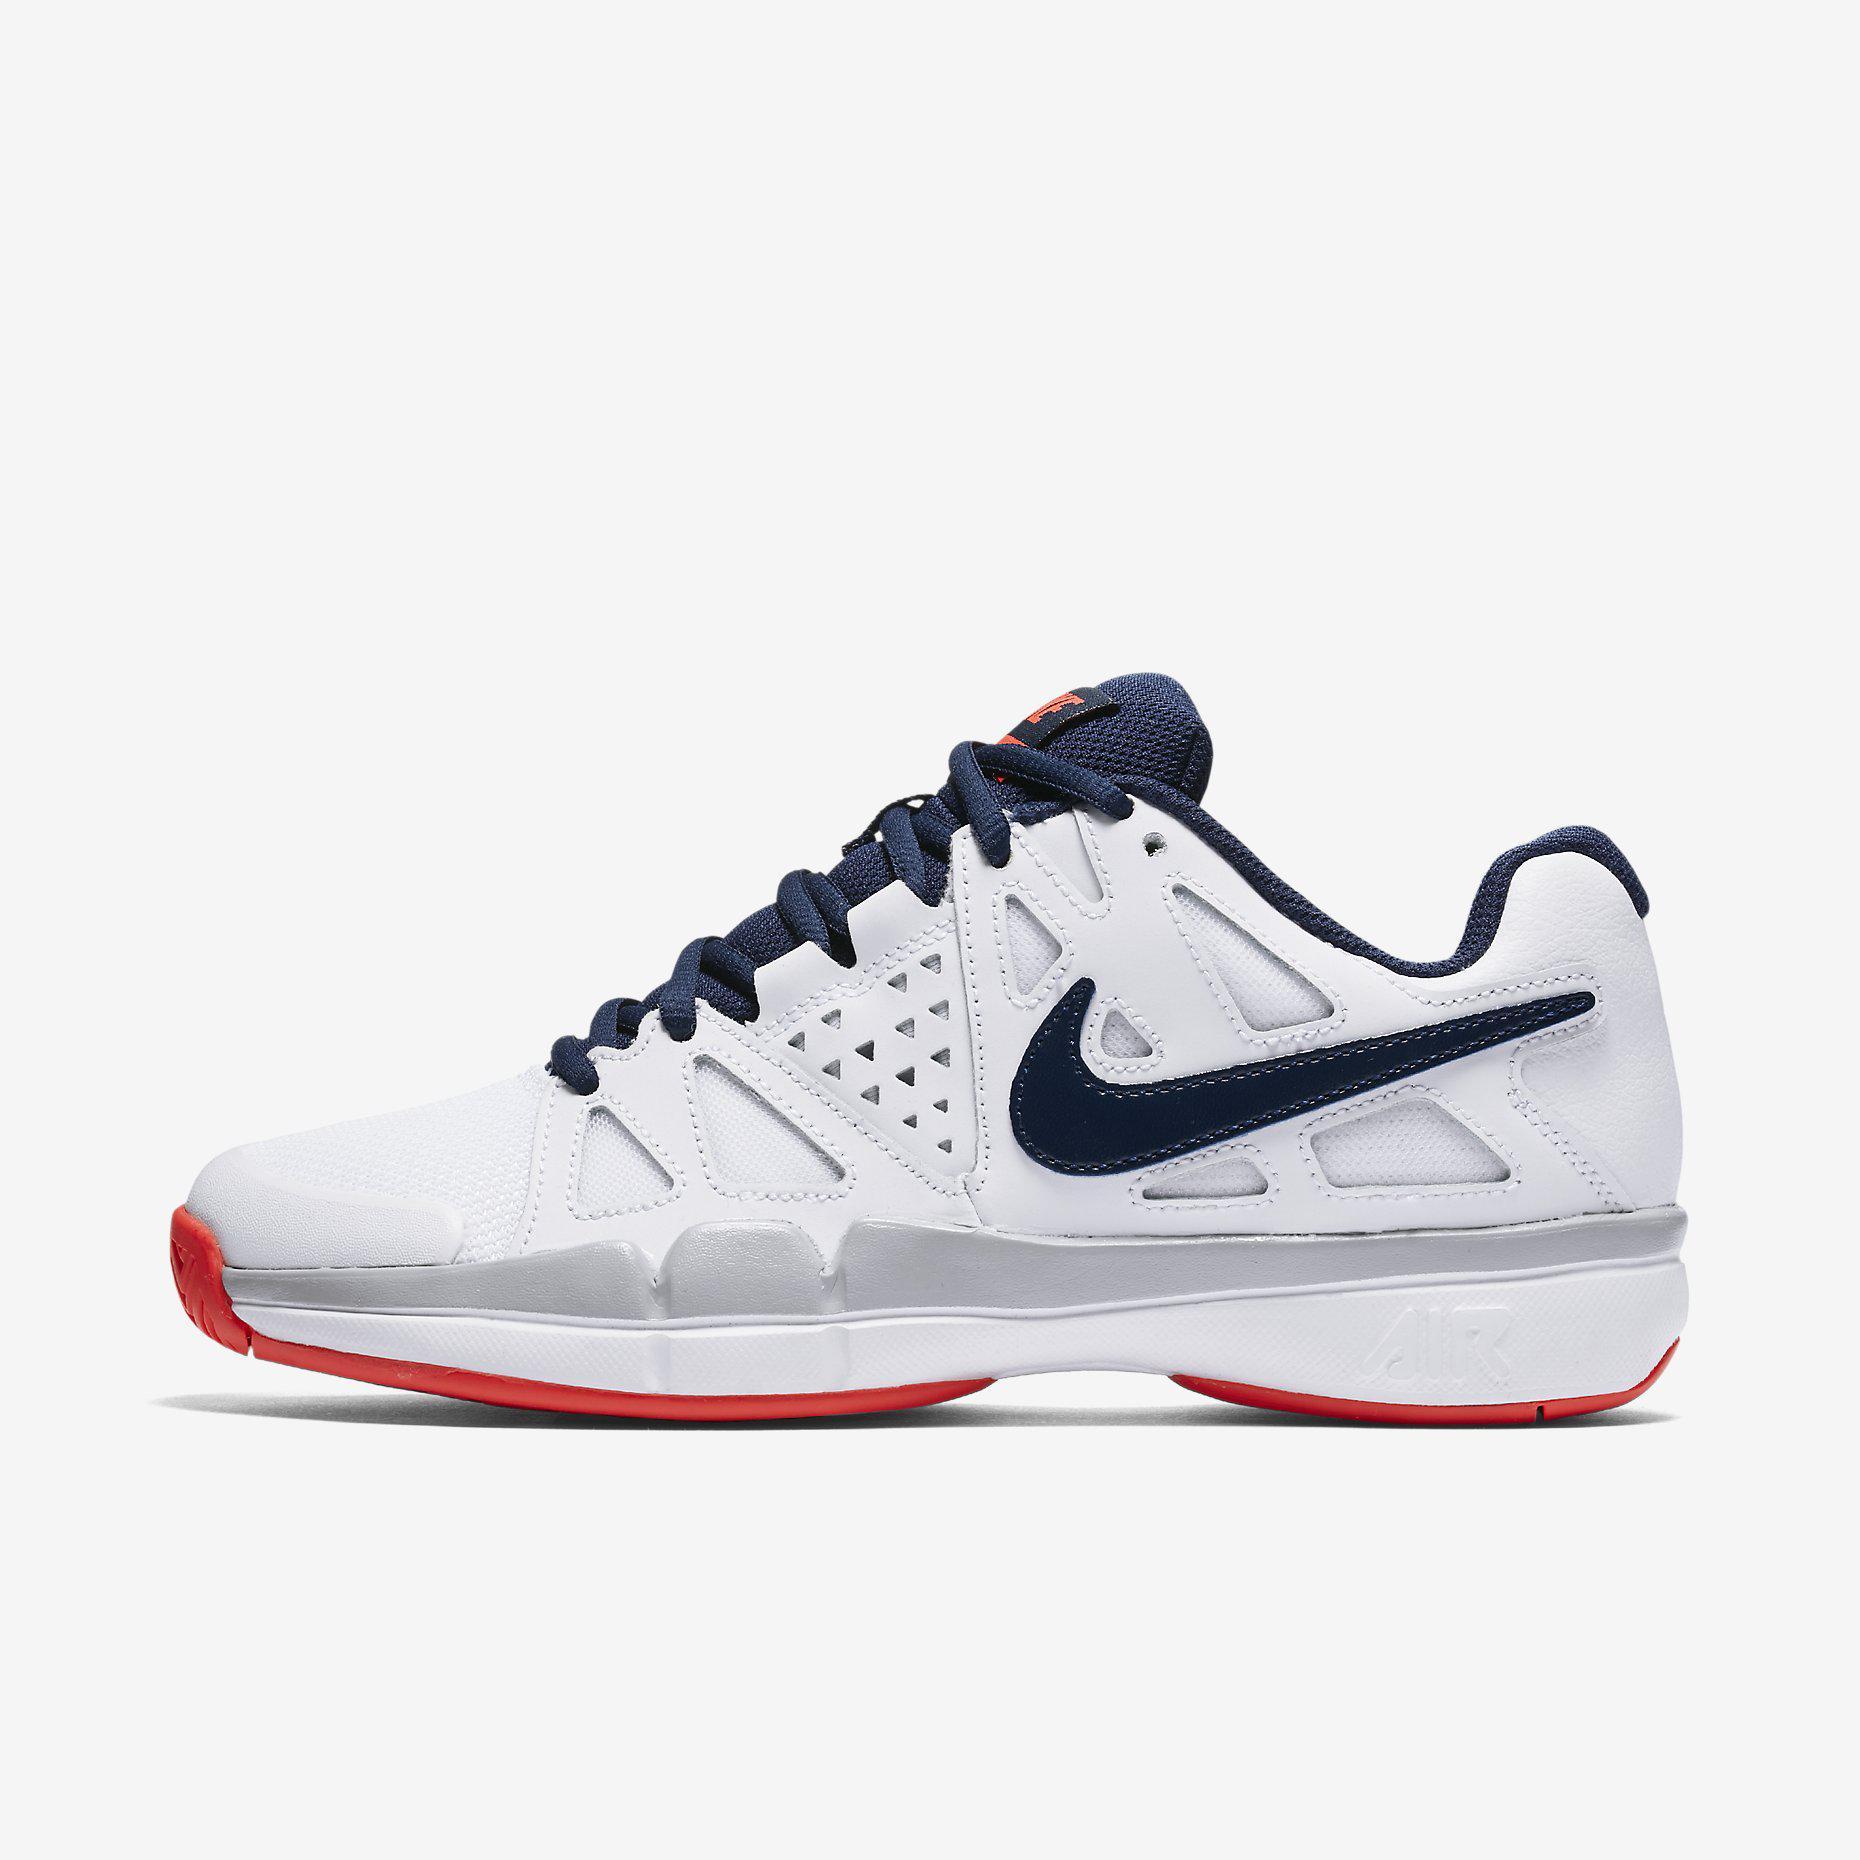 eb4fb192b064 Nike Womens Air Vapor Advantage Tennis Shoe - White Blue Red -  Tennisnuts.com